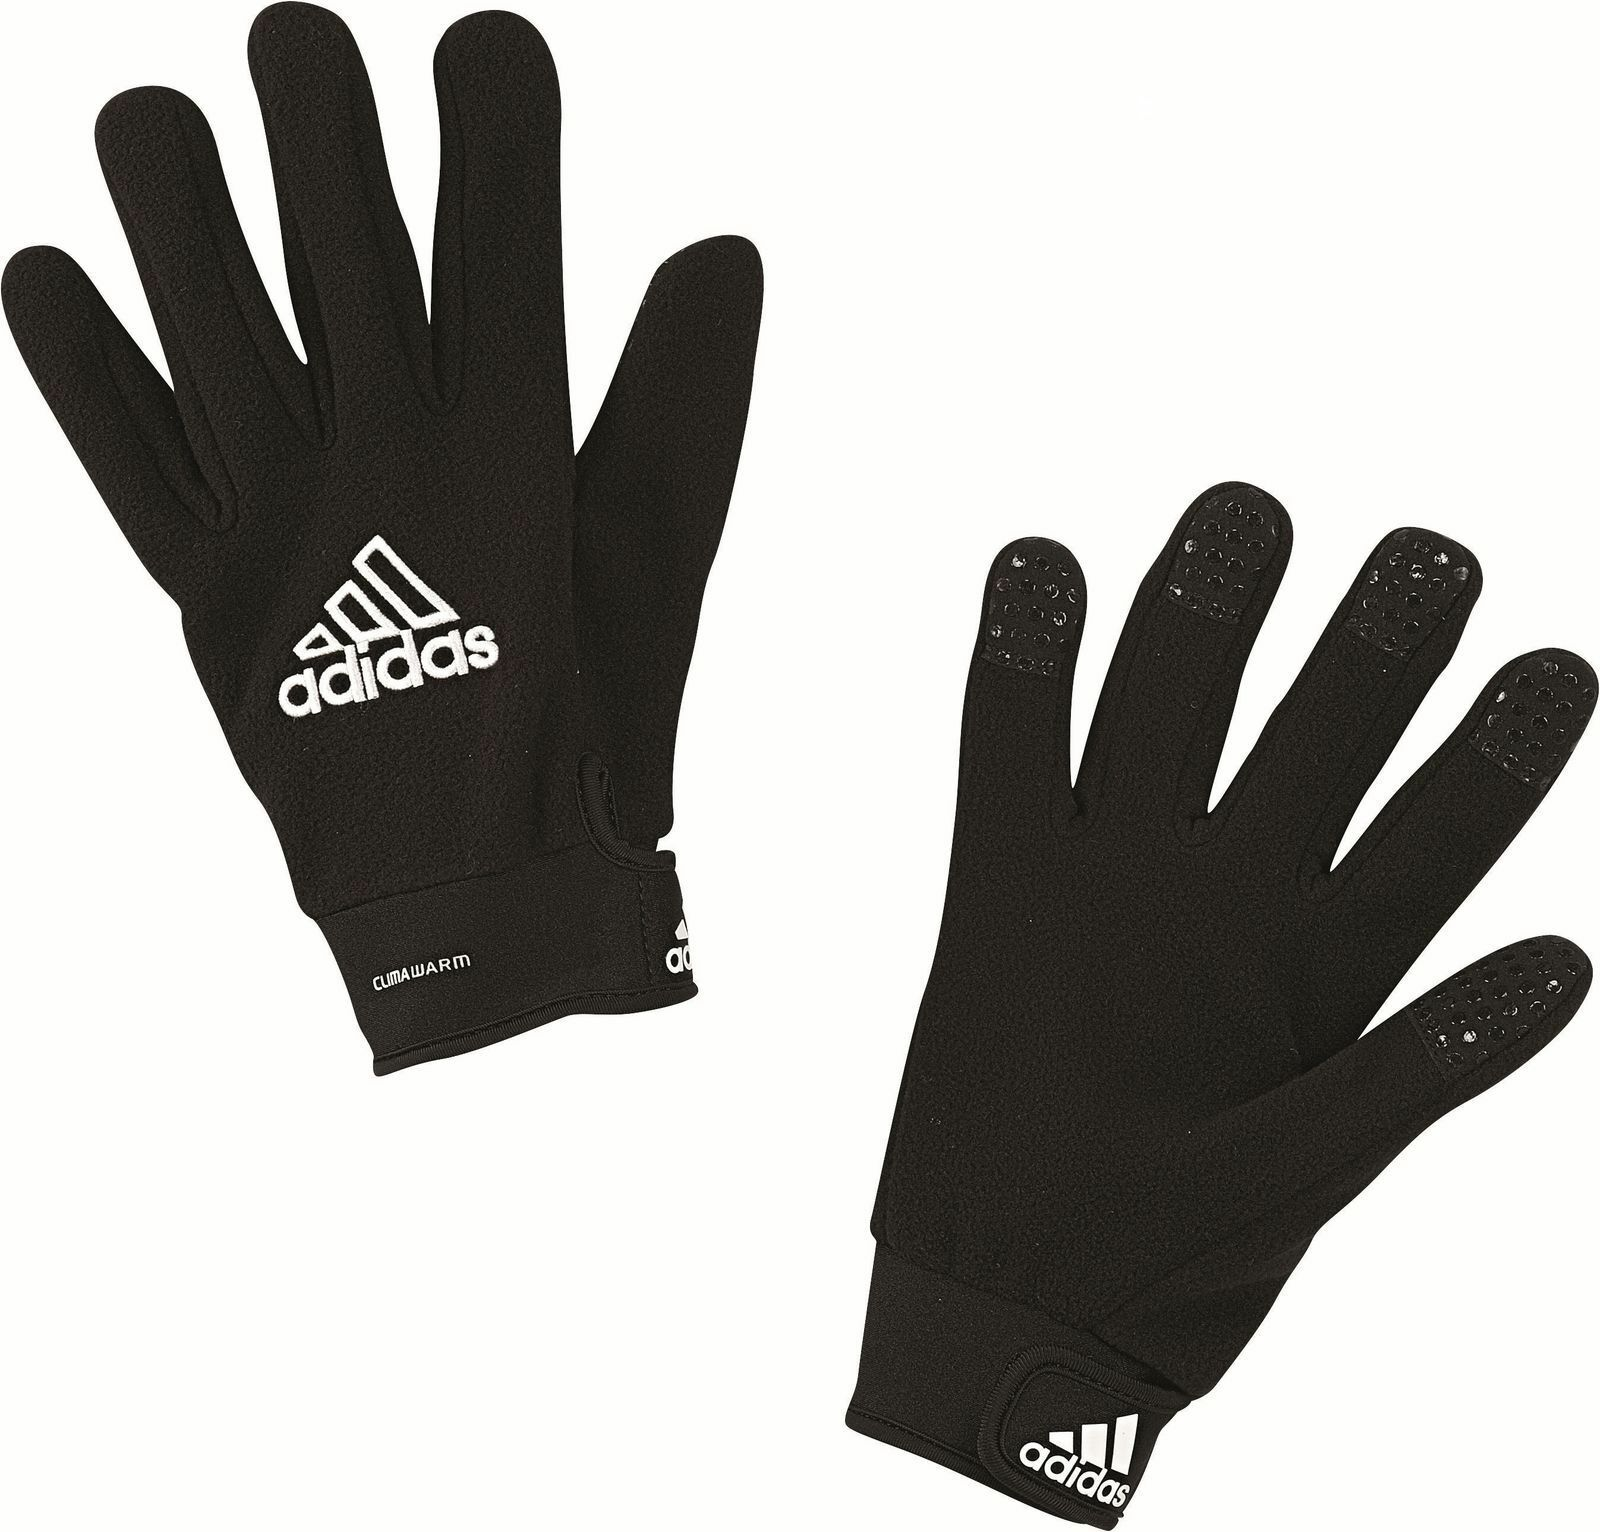 adidas Performence Kinder Erwachsenen Handschuhe Fieldplayer Climawarm schwarz